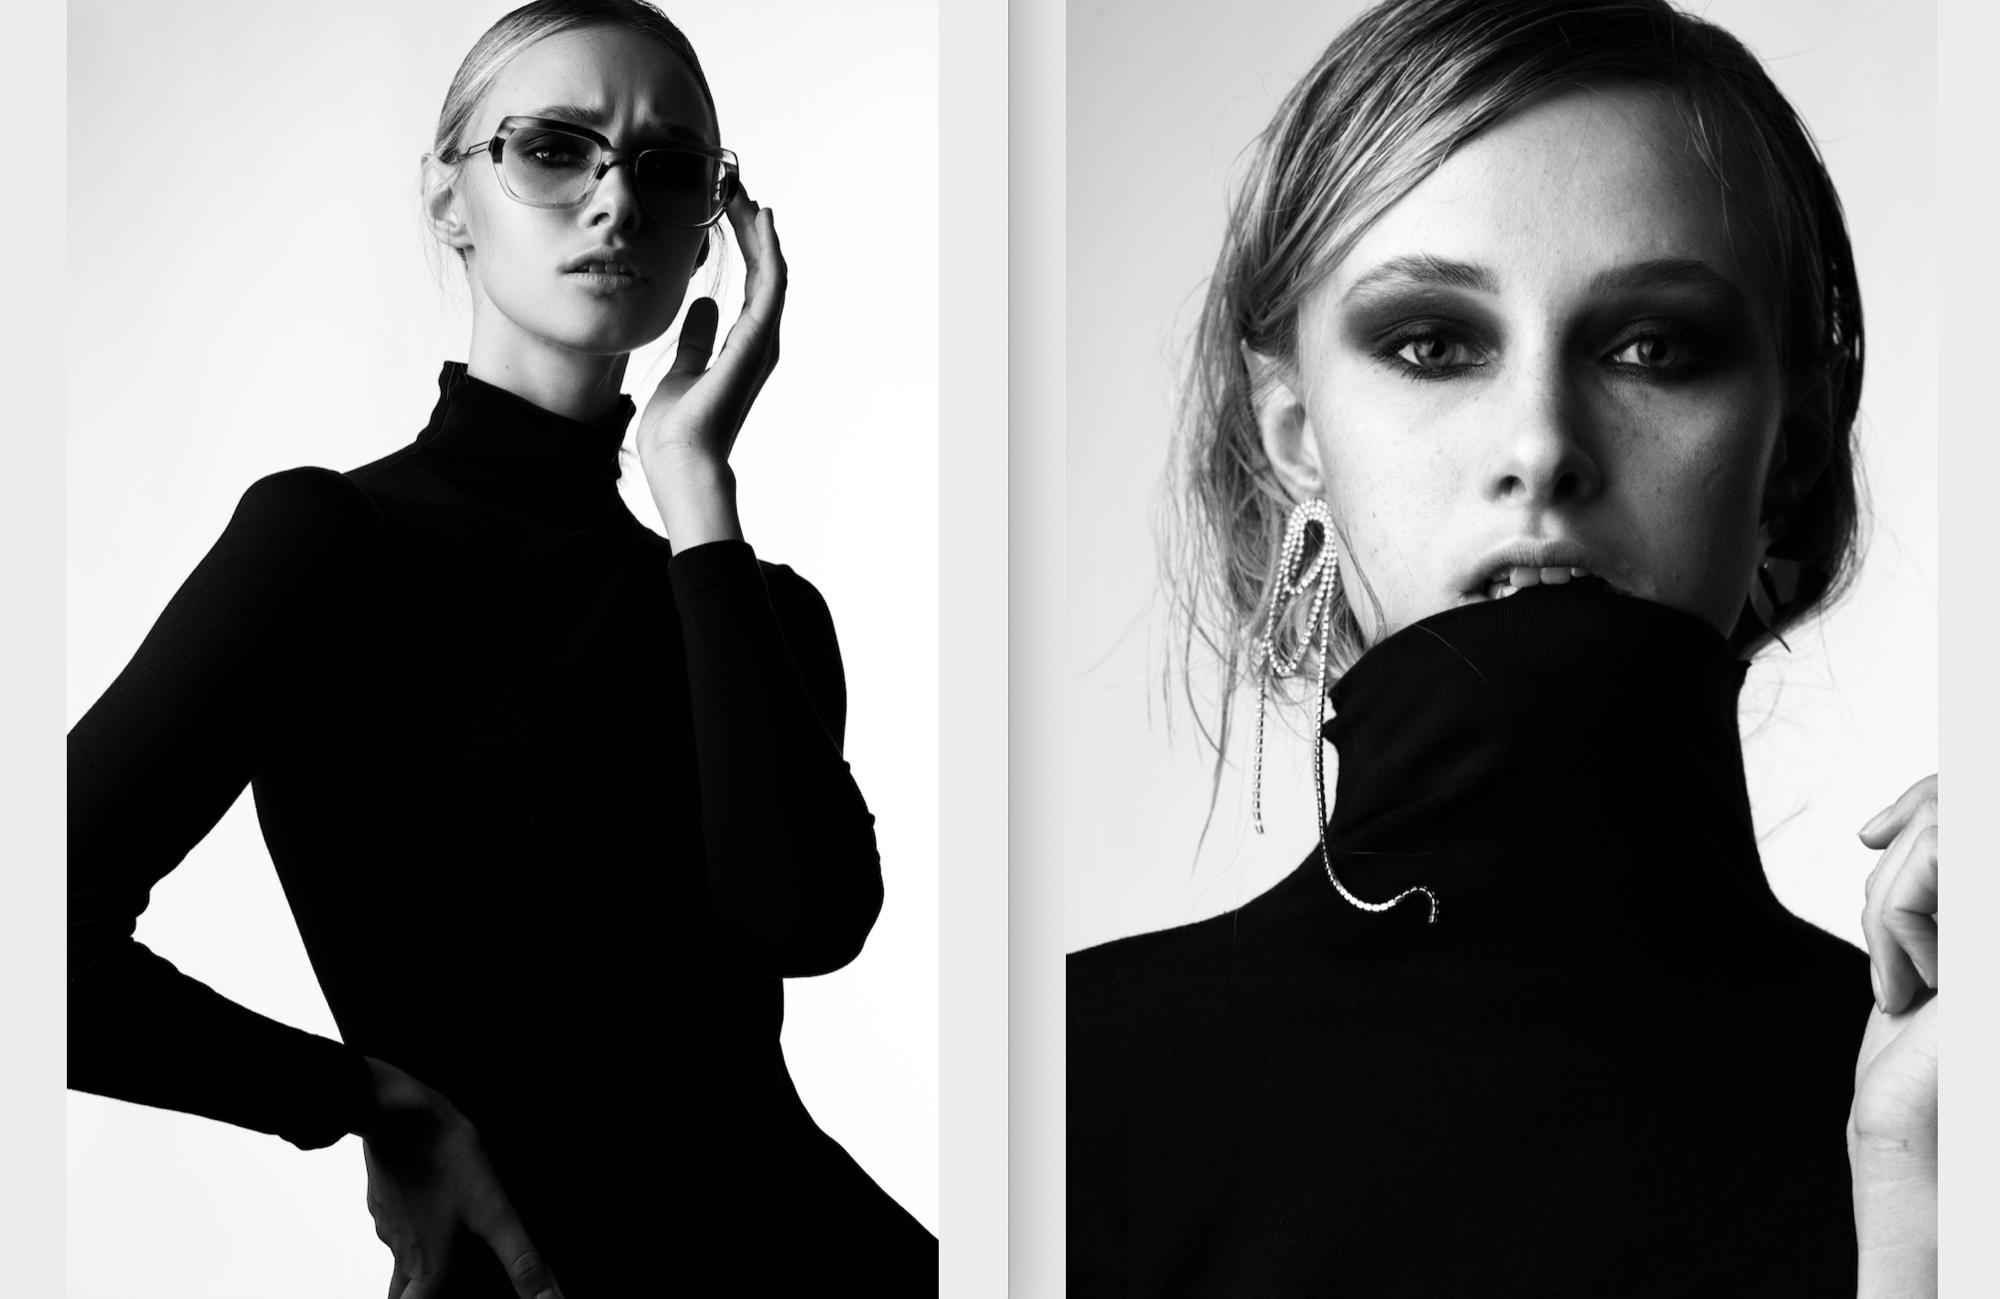 Bild zum Make up & Fashion Blog - neue-arbeit-von-julia-in-paris-ID14519-1.png?v=1574946014